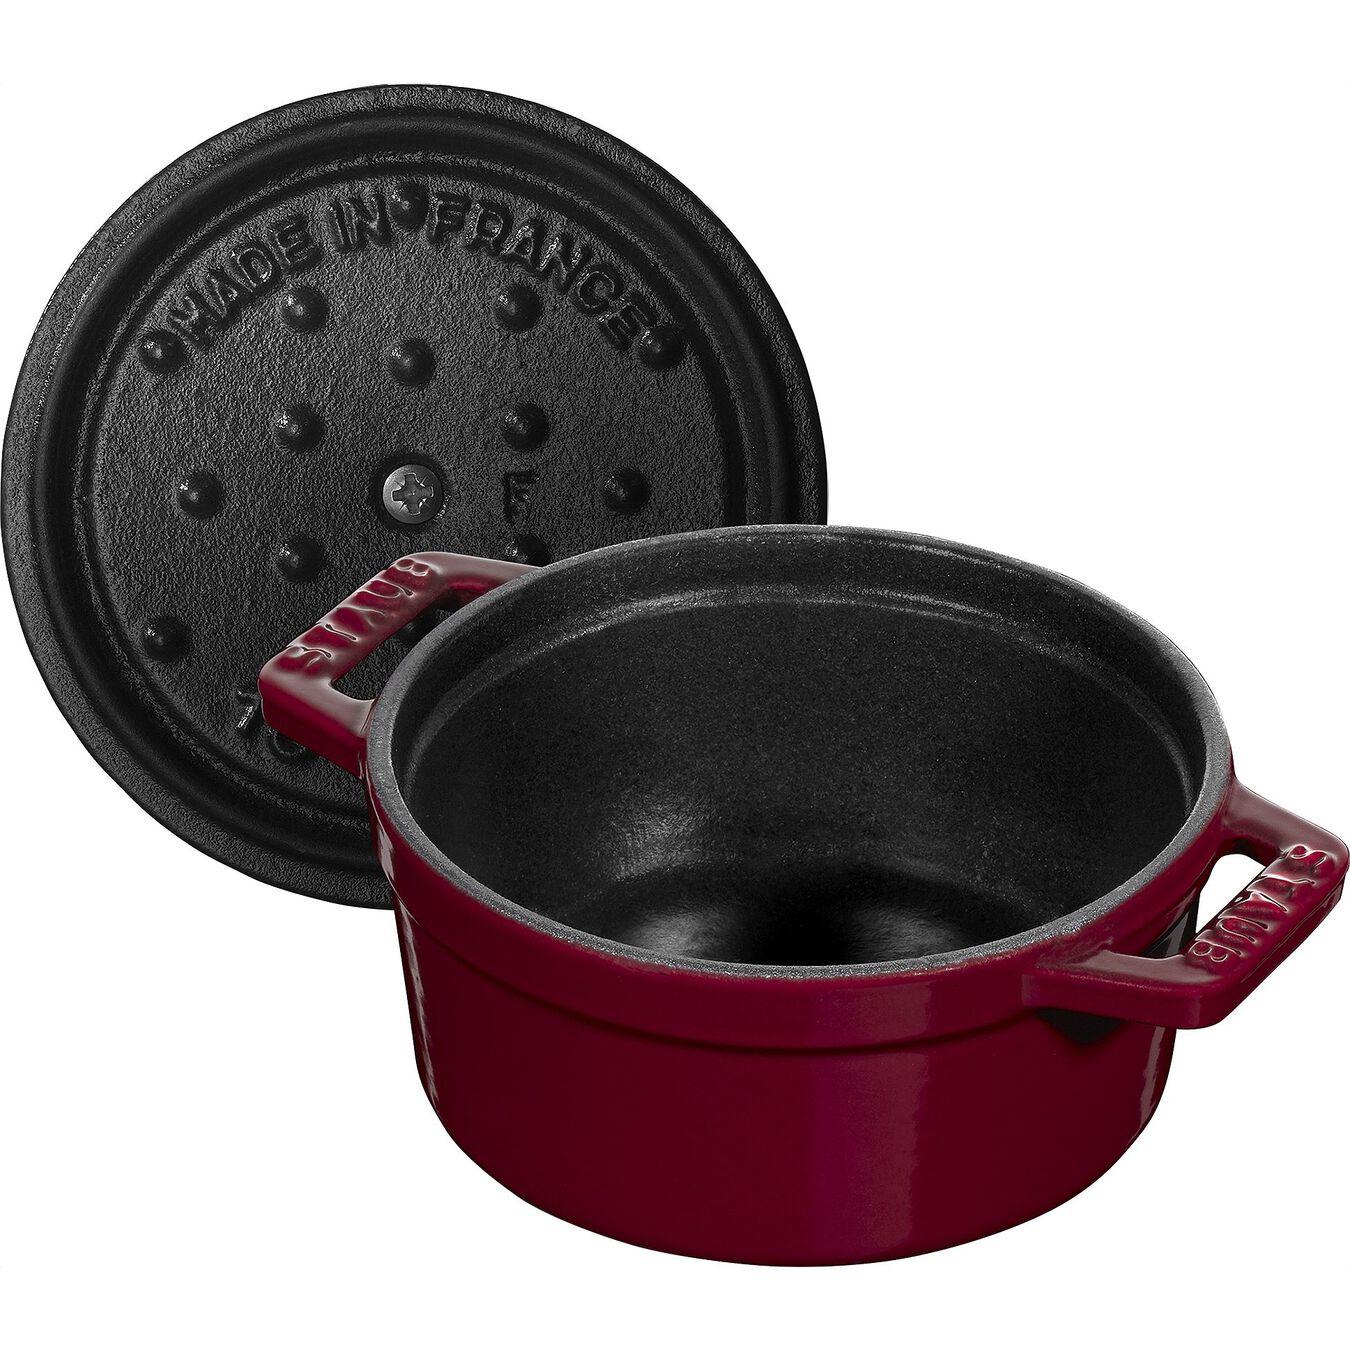 250 ml Cast iron round Mini Cocotte, Bordeaux,,large 5